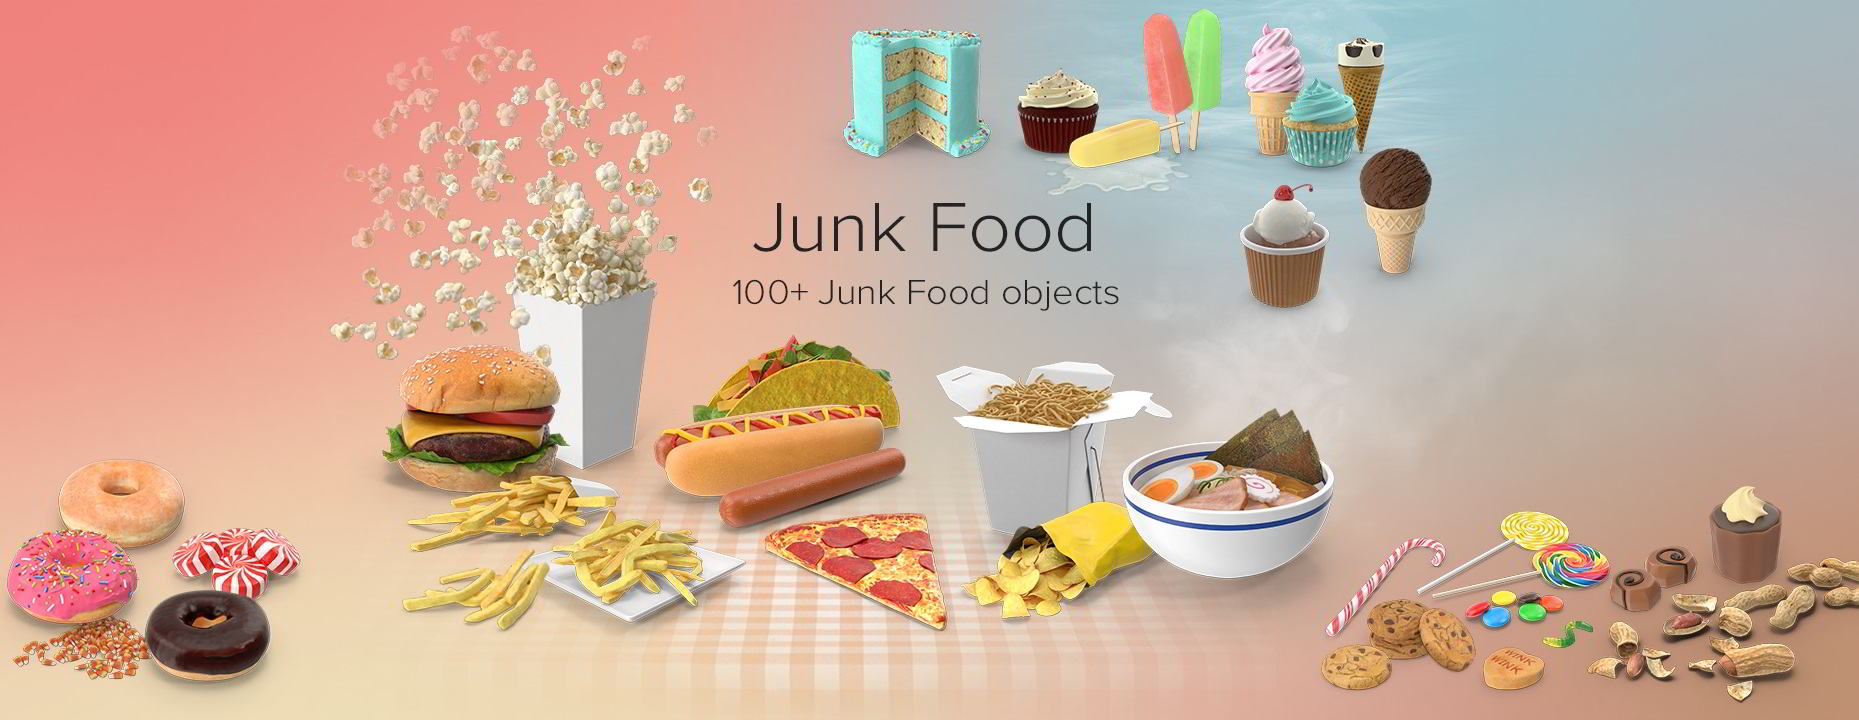 PixelSquid – Junk Food Collection free download